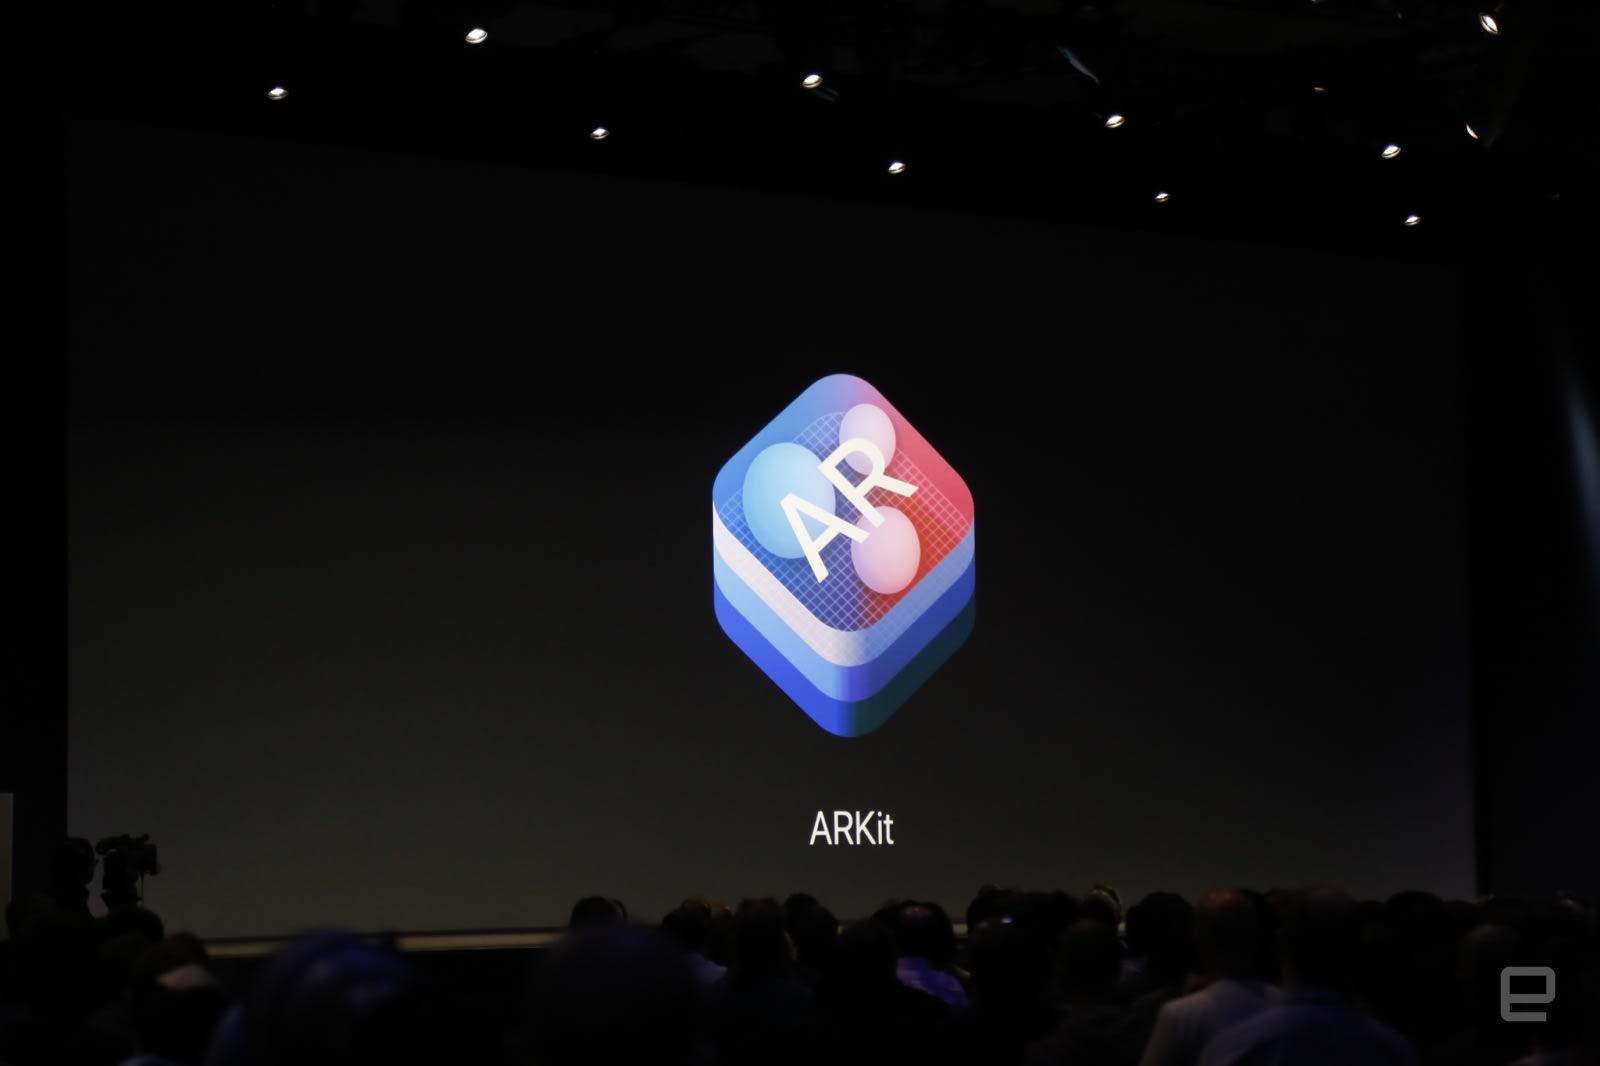 Aquí tienes 5 apps con las que probar el ARKit de iOS 11